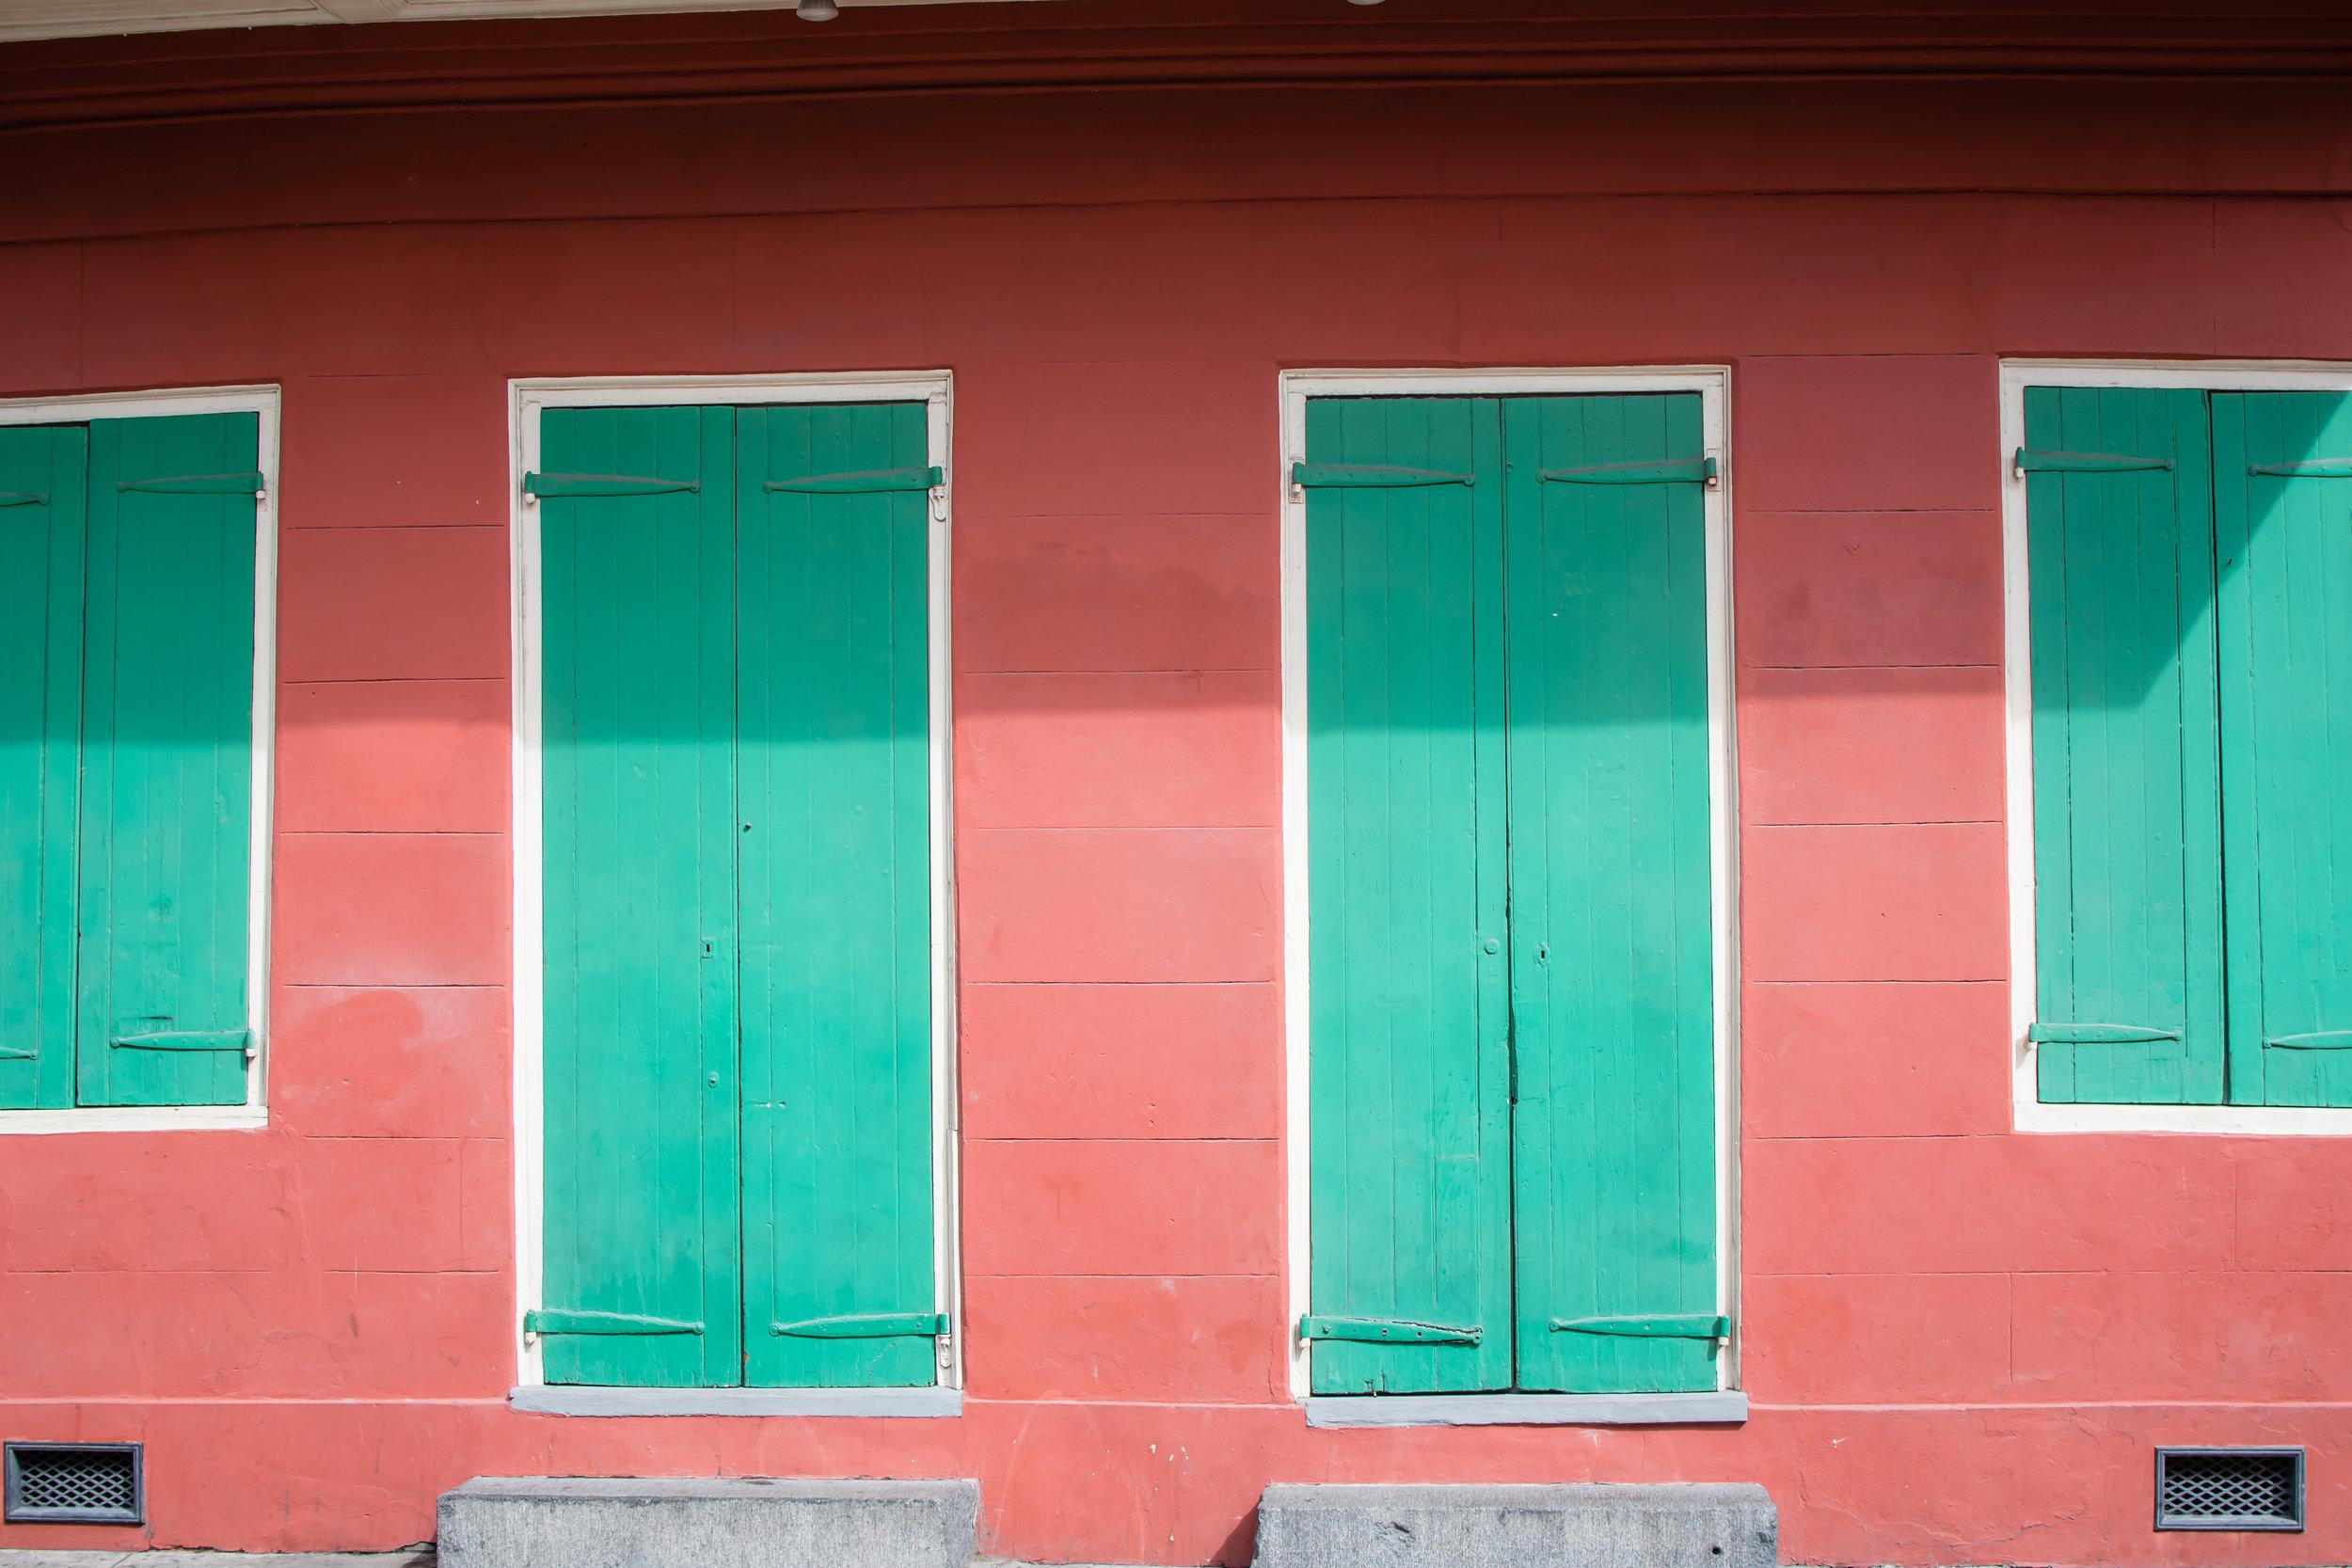 new-orleans-french-quarter-one-time-in-nola-travel-photographer-yanitza-ninett-49.jpg